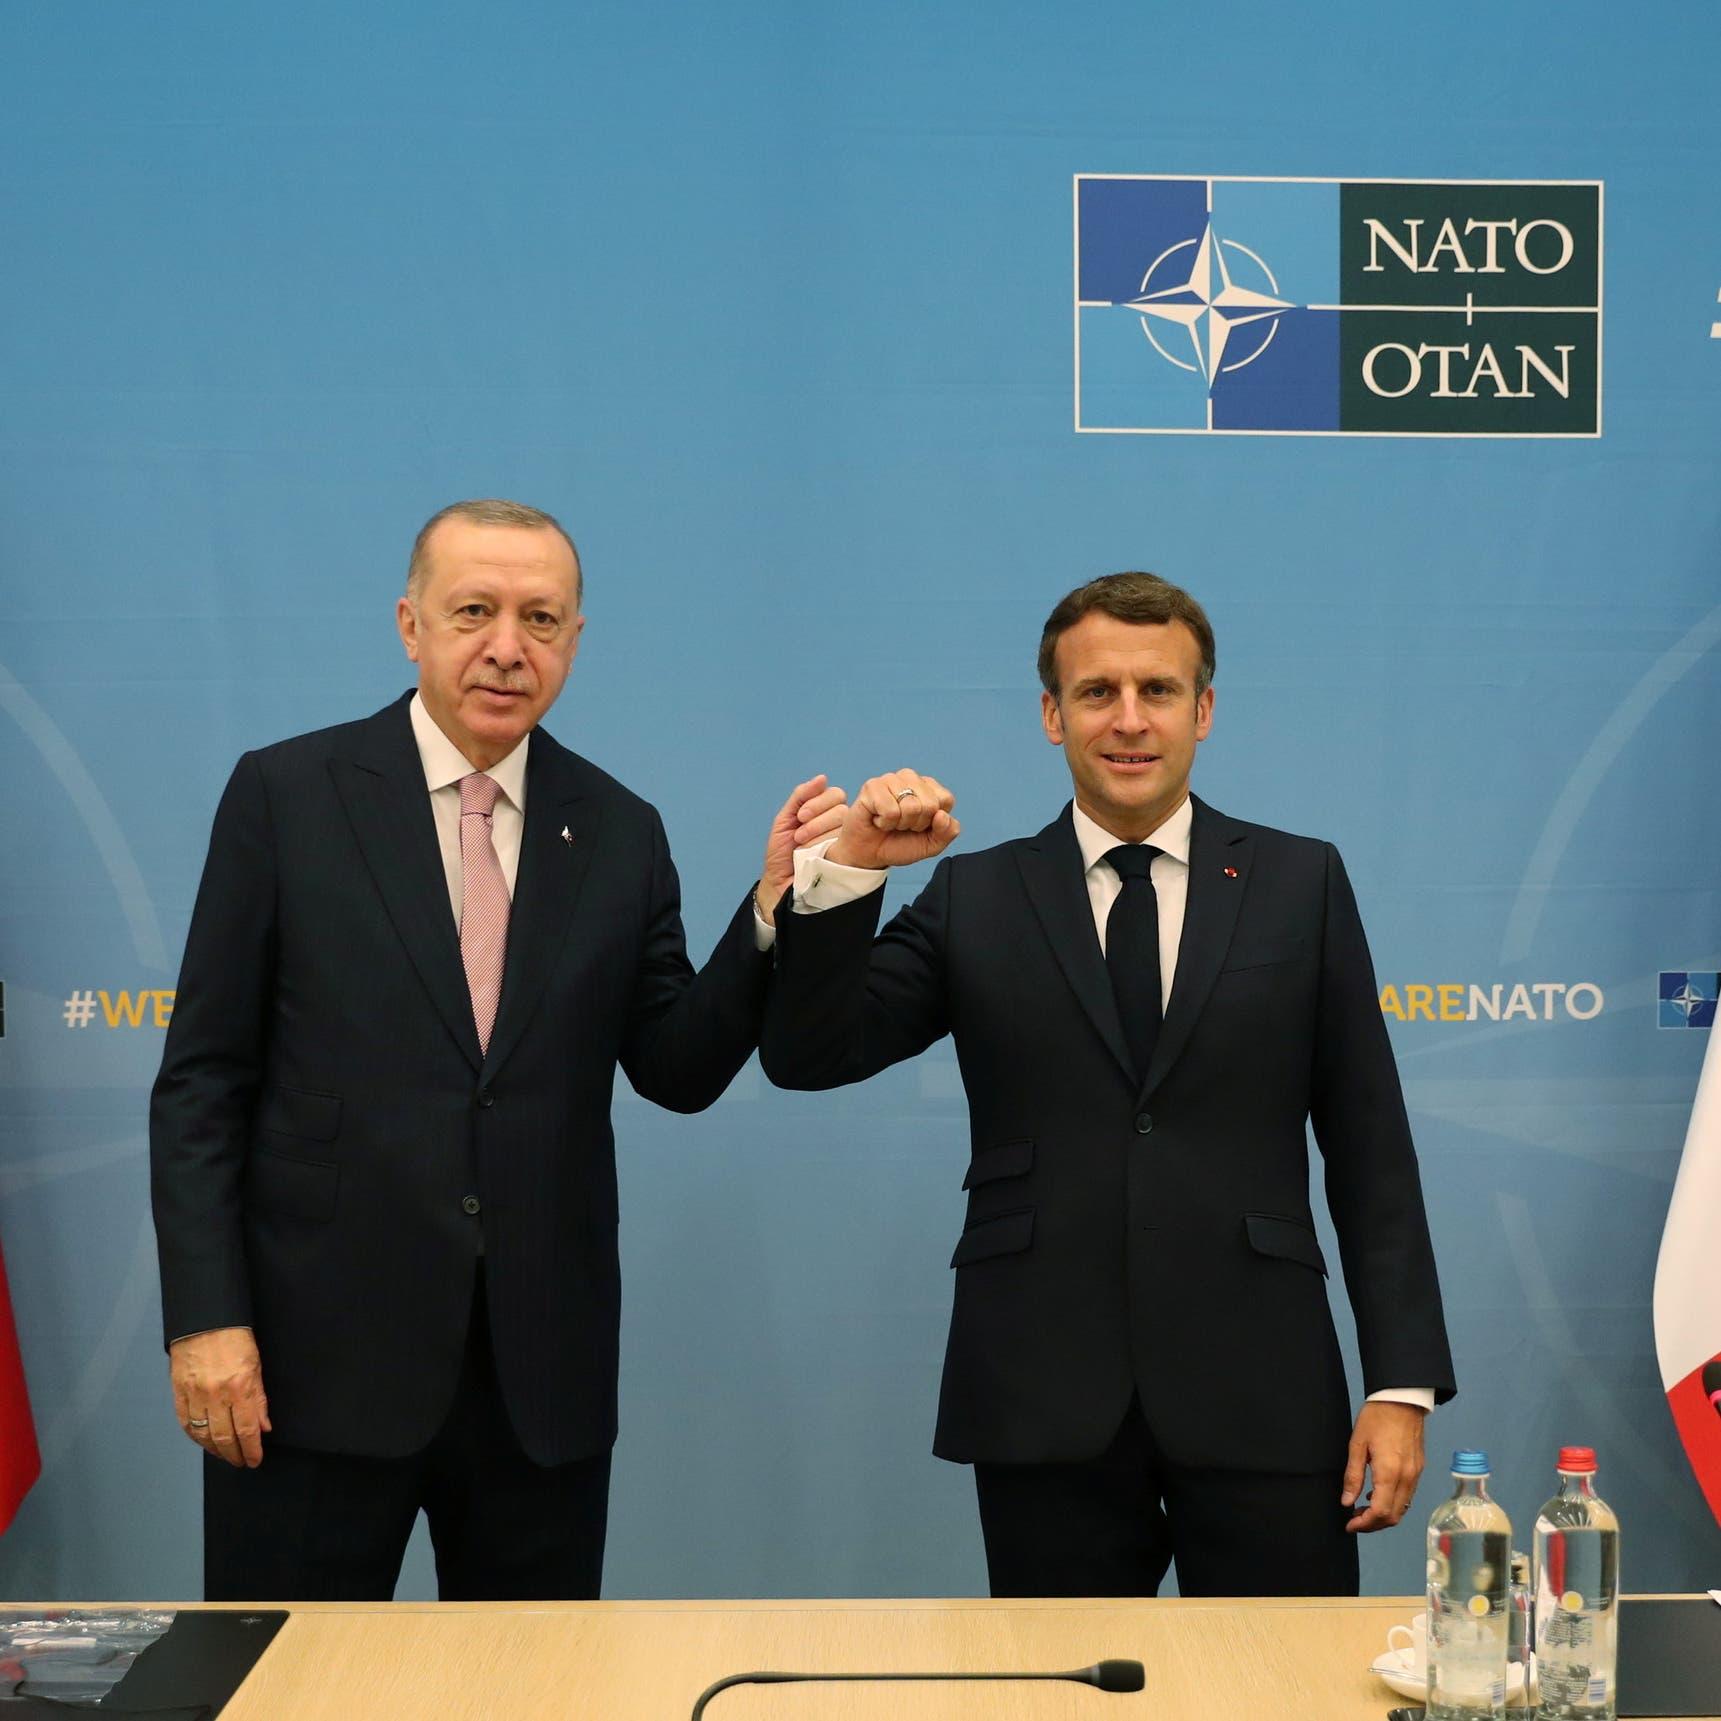 """ماكرون يبحث مع أردوغان ملفي سوريا وليبيا ويتحدث عن """"تعاون"""""""